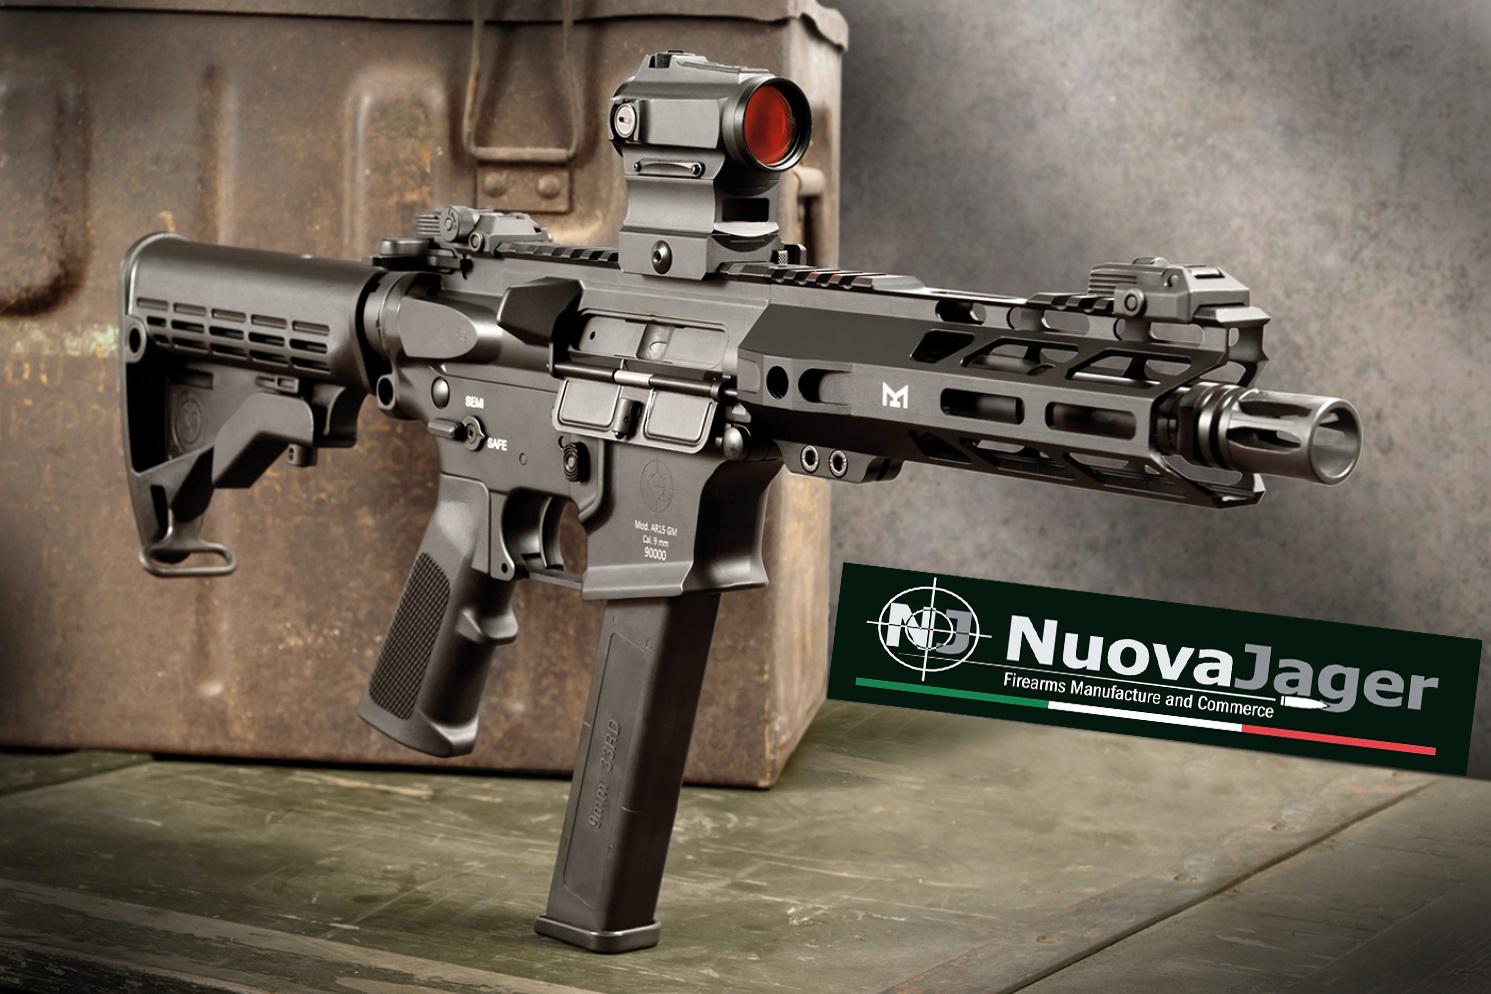 NUOVA-PROMOTION-V2-9-2020